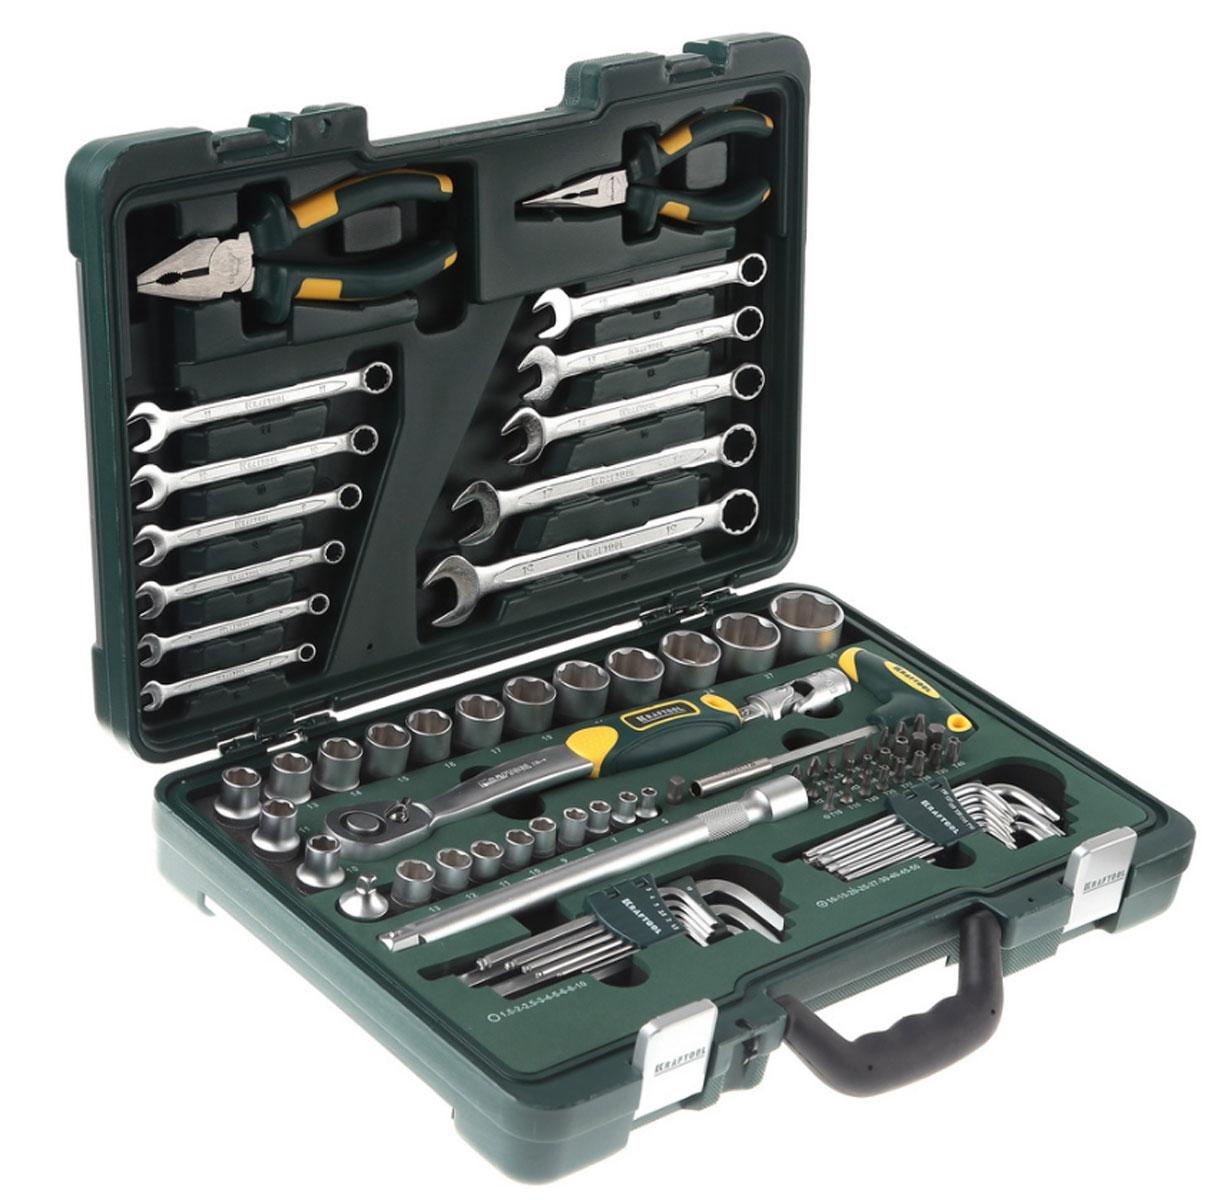 Набор Kraftool Industry Слесарно-монтажный инструмент, 84 предмета27977-H84